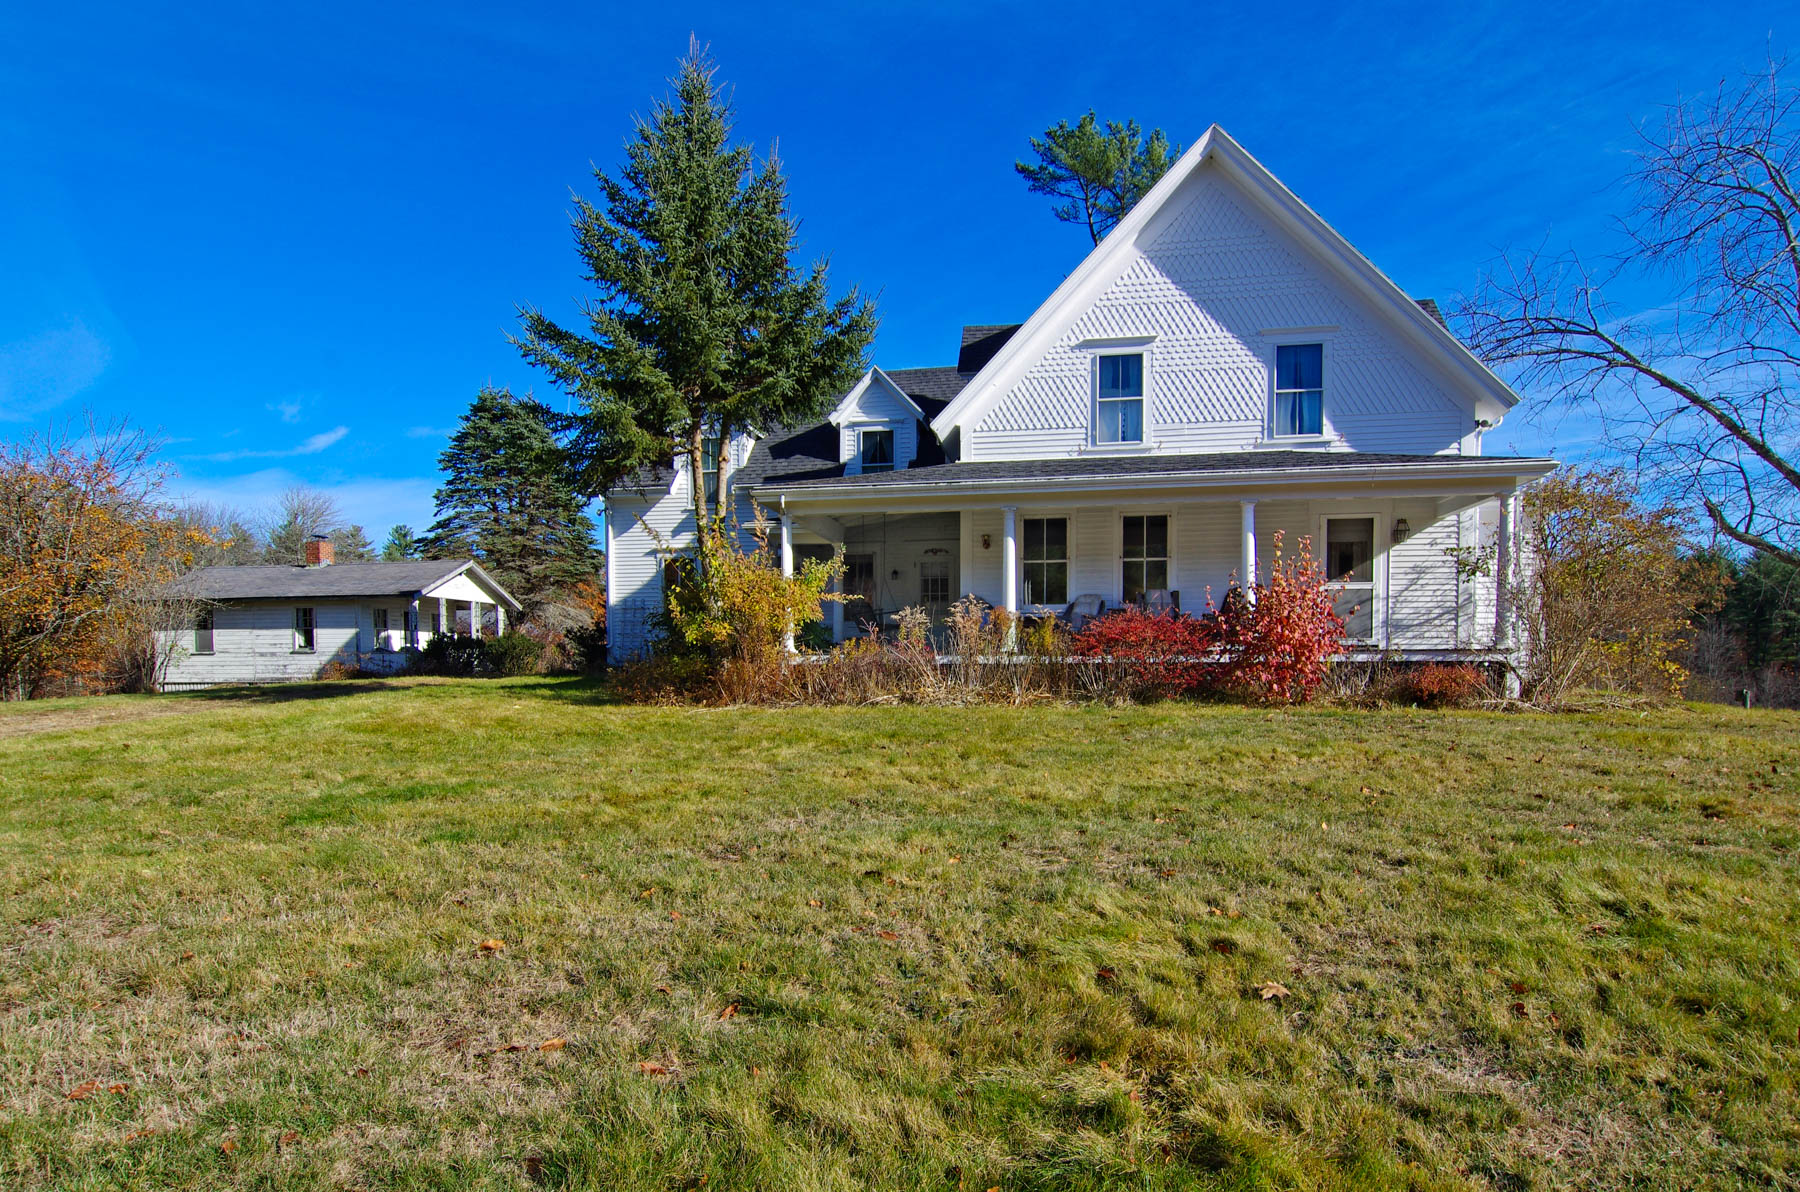 Частный односемейный дом для того Продажа на 79 Sidelinger Road Nobleboro, Мэн, 04555 Соединенные Штаты